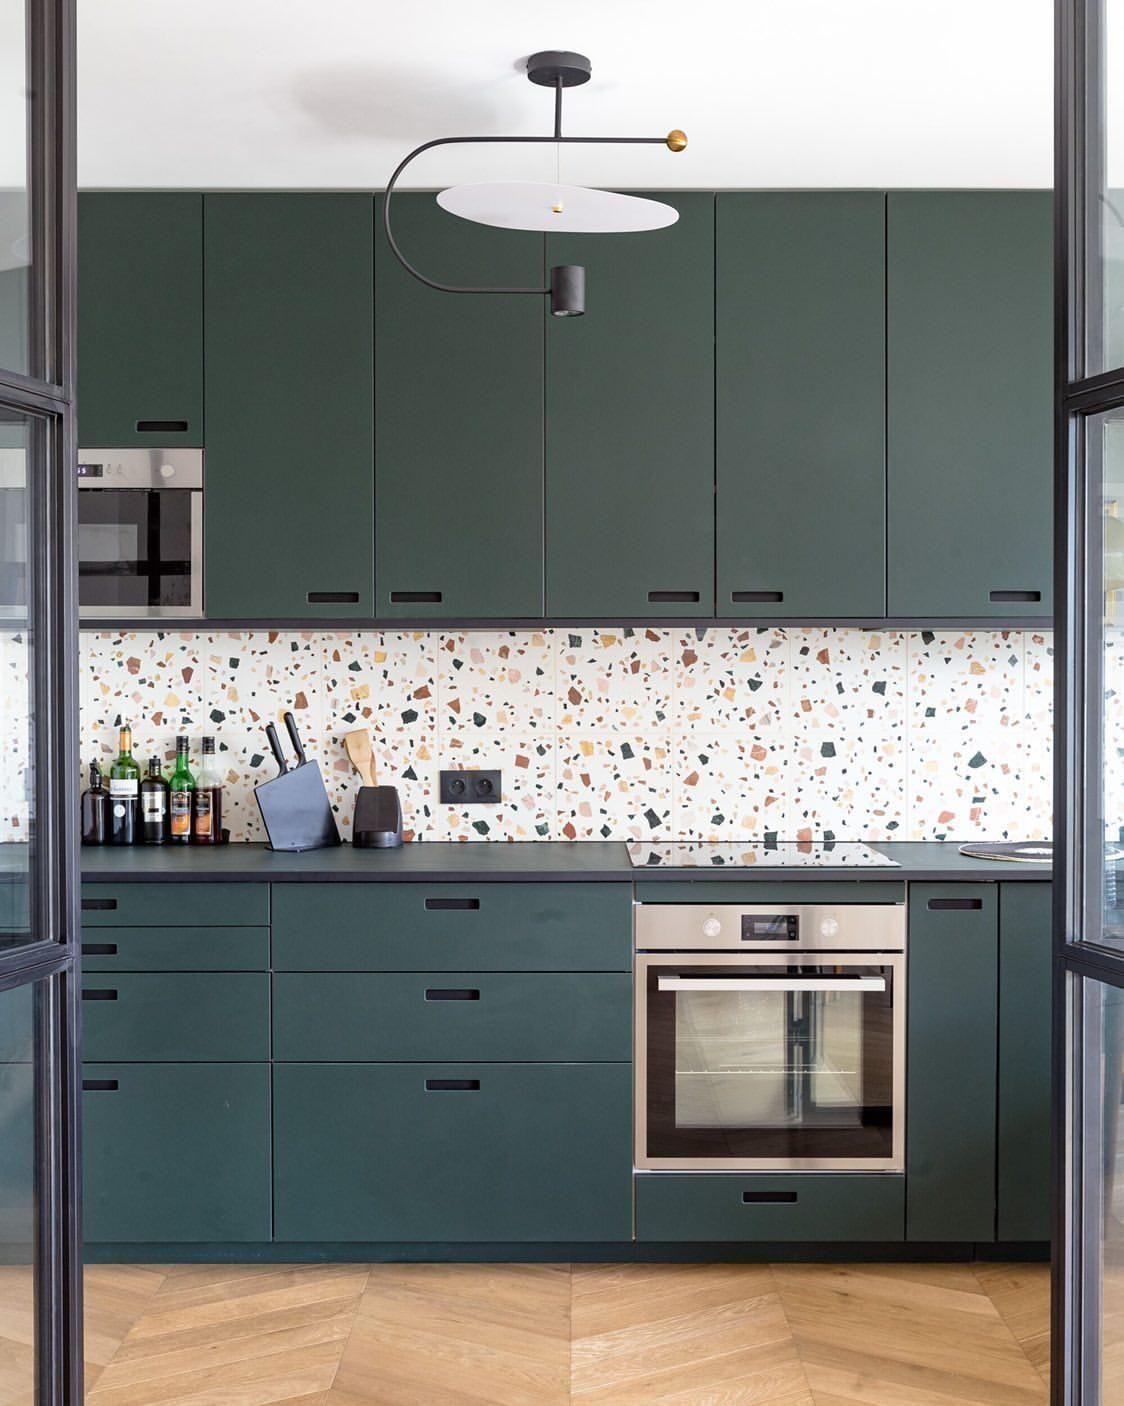 Blaue Kuche Mit Terrazzo Arbeitsplatten Terrazzo Haus Deko Schone Kuchen